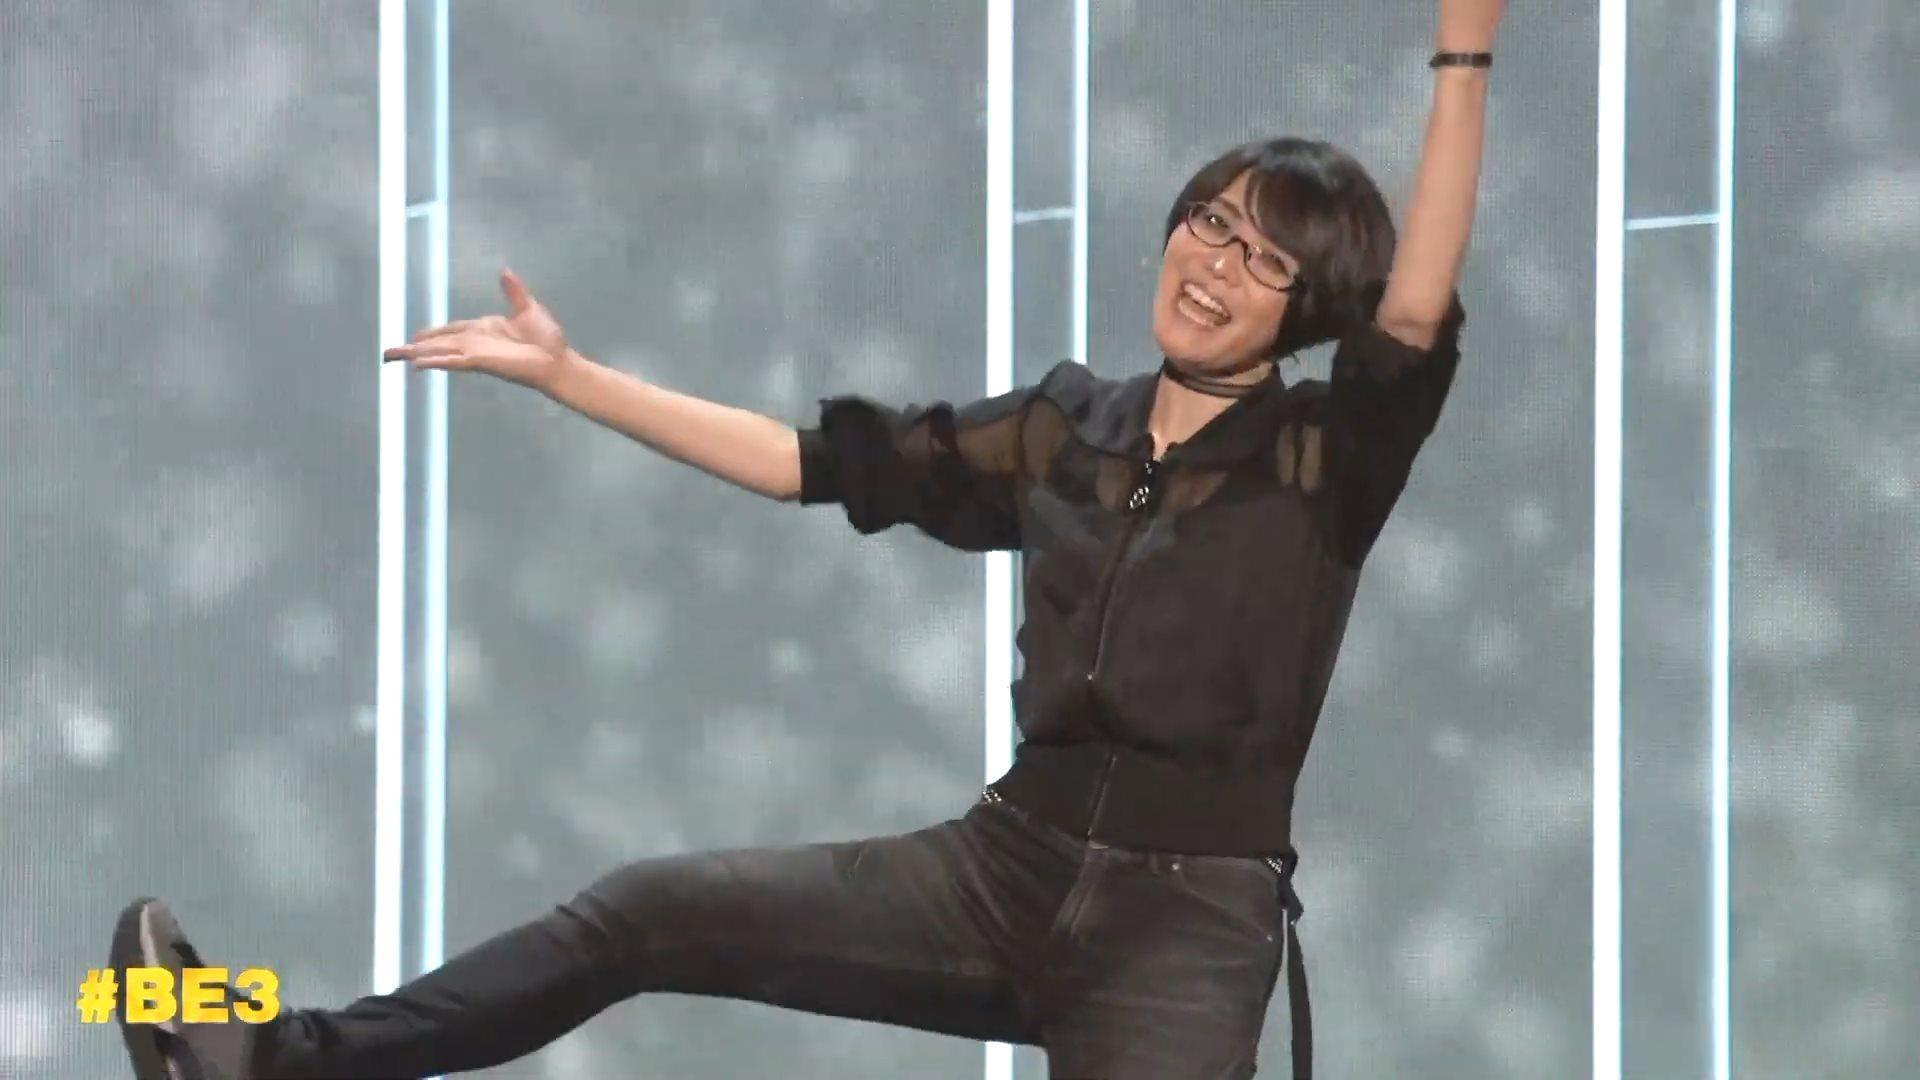 4 12 - 【画像】とある日本人女性、『E3』にてめちゃくちゃ注目を浴びてしまう 世界中でトレンドに